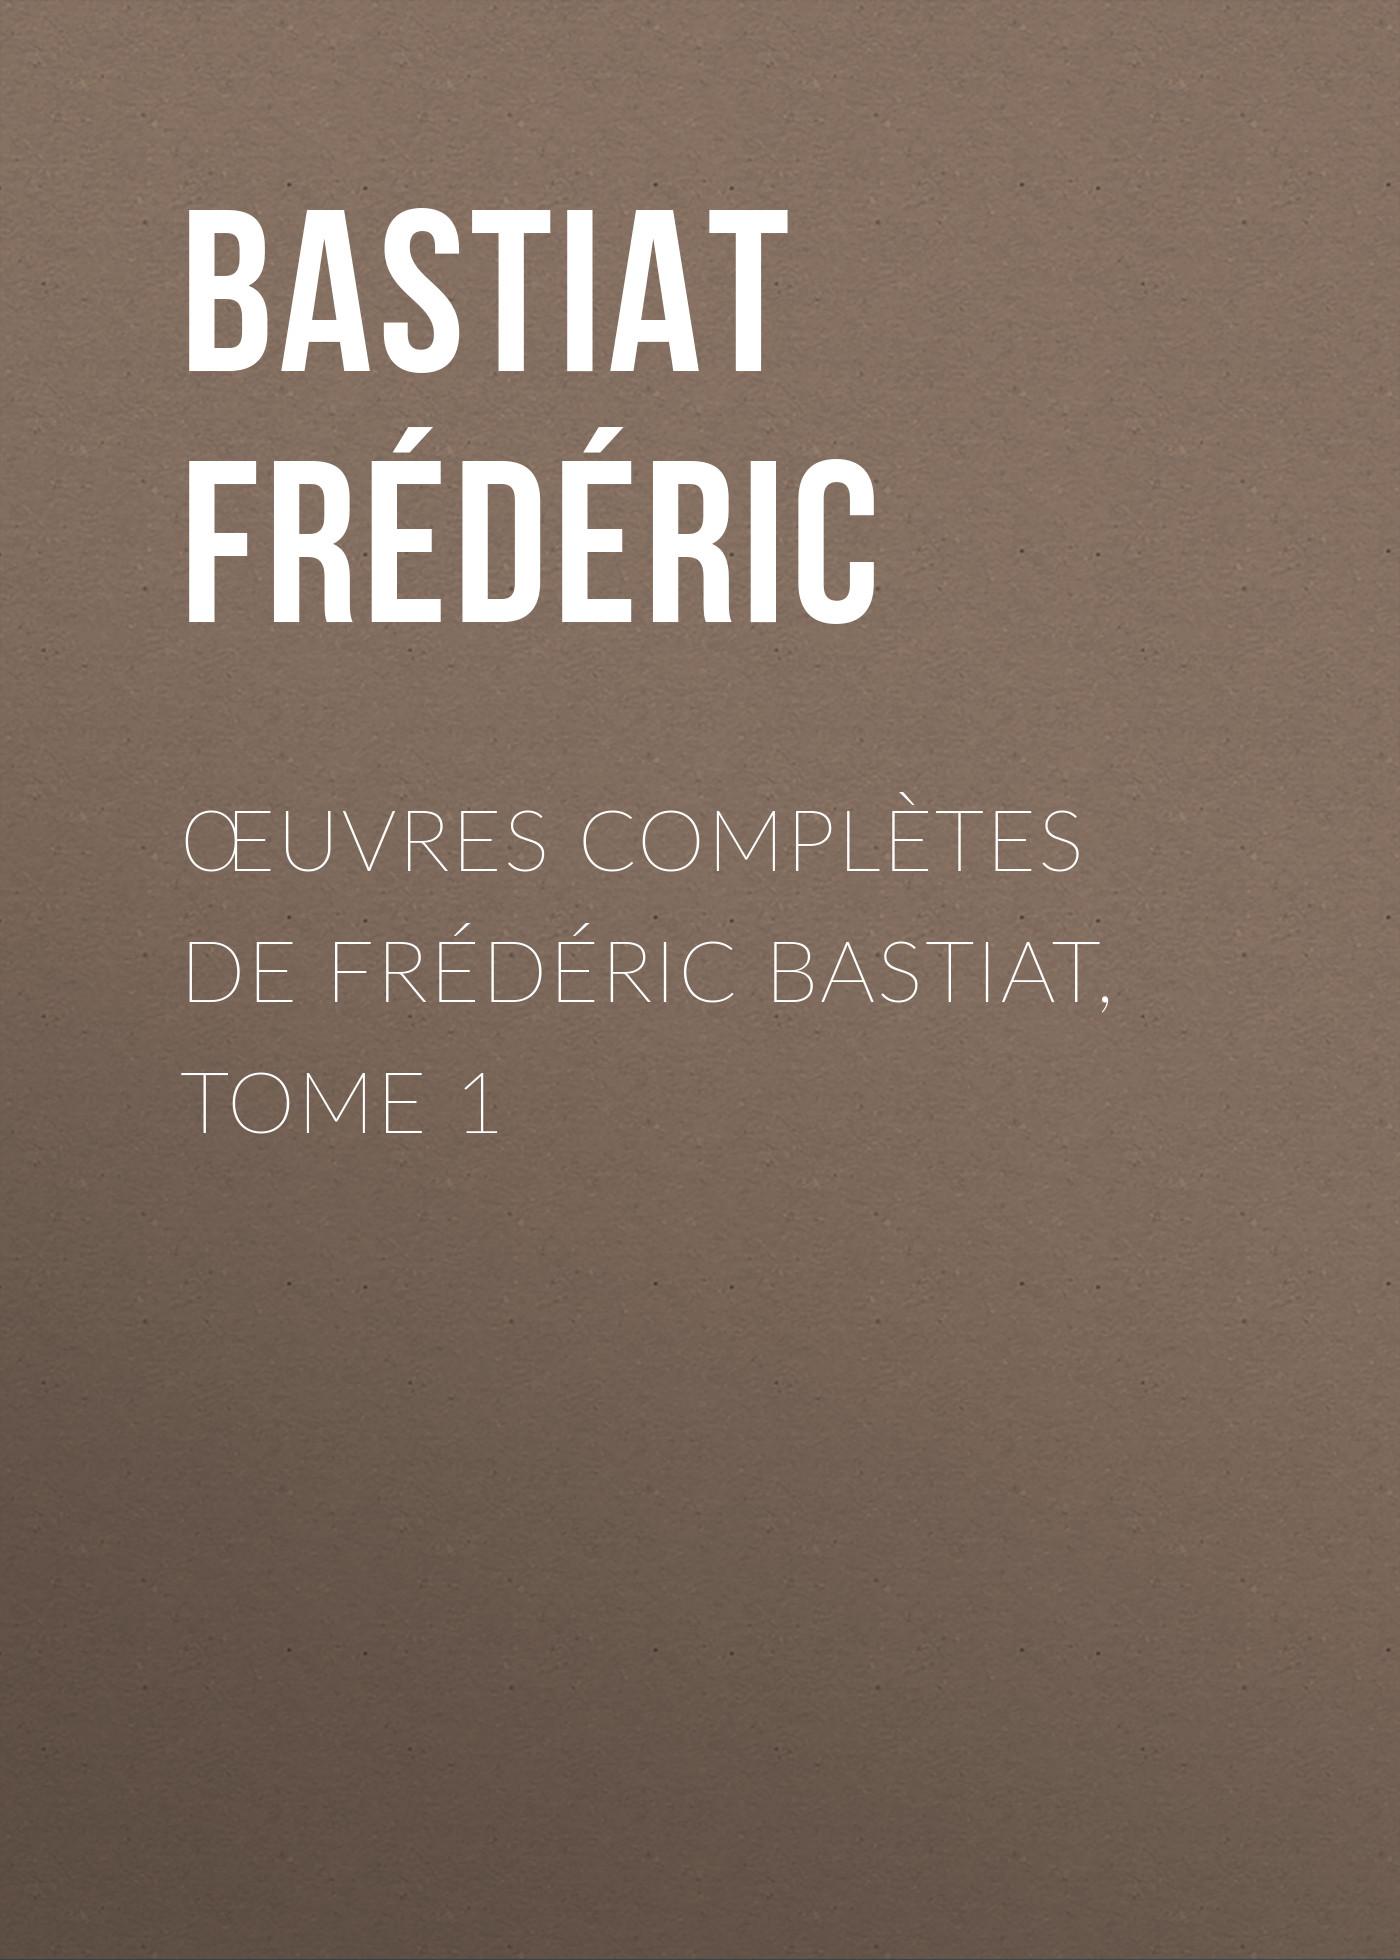 Bastiat Frédéric Œuvres Complètes de Frédéric Bastiat, tome 1